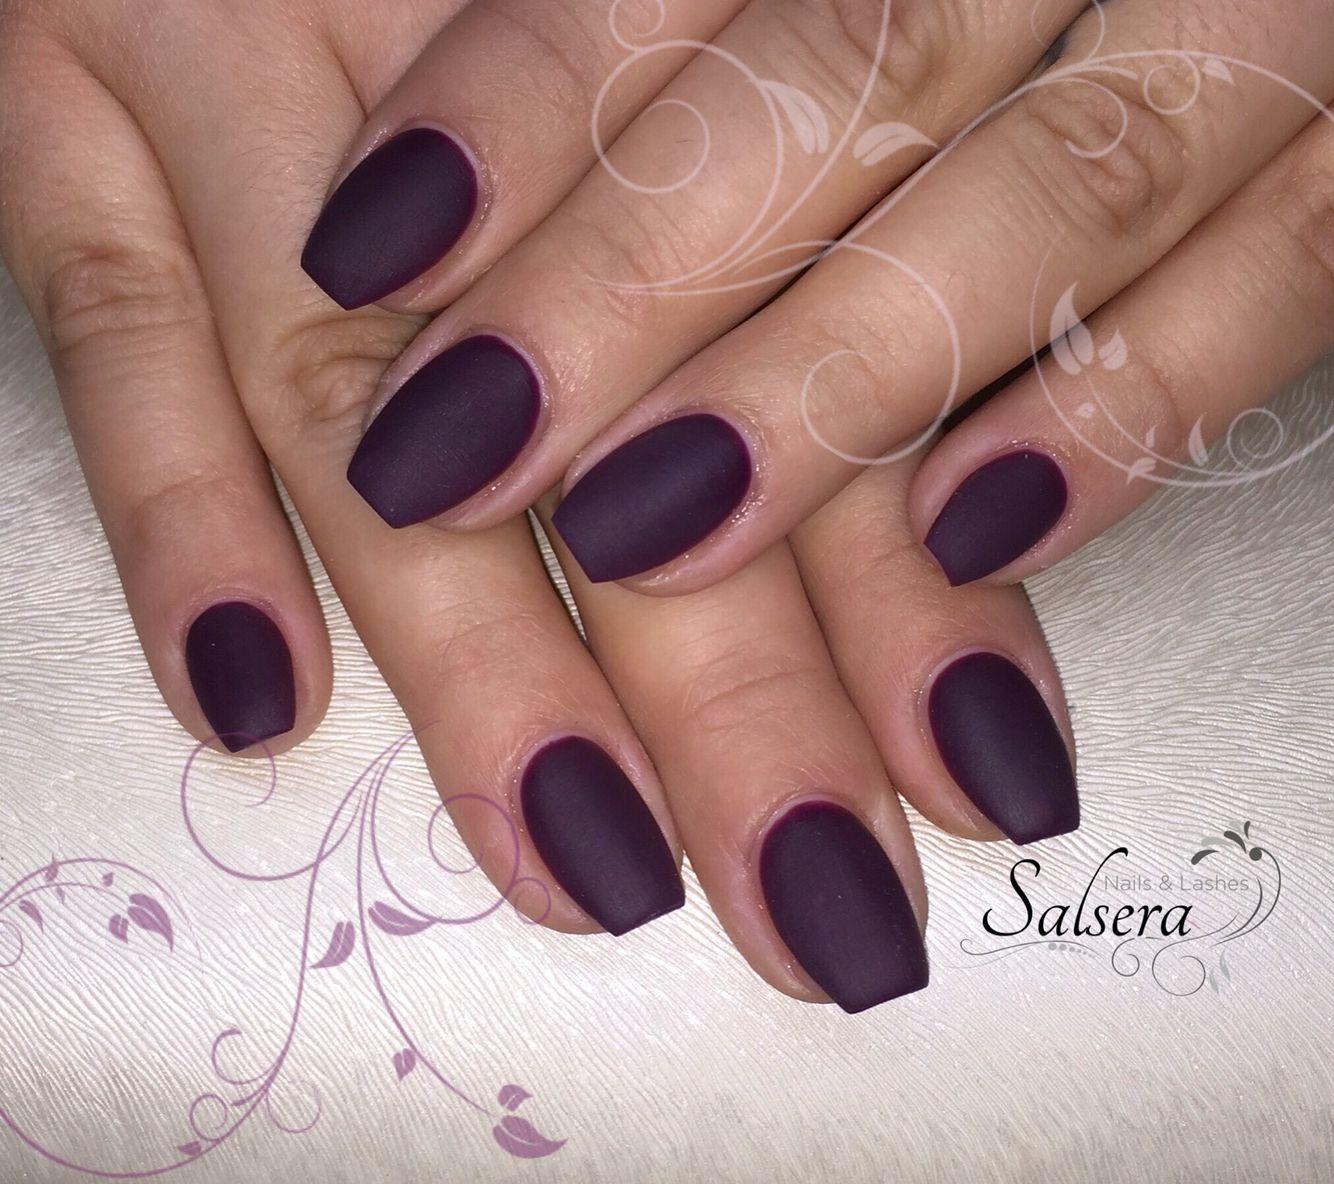 Nails Nagel Ballerina Matt Plum Lila Bordeaux Fullcover